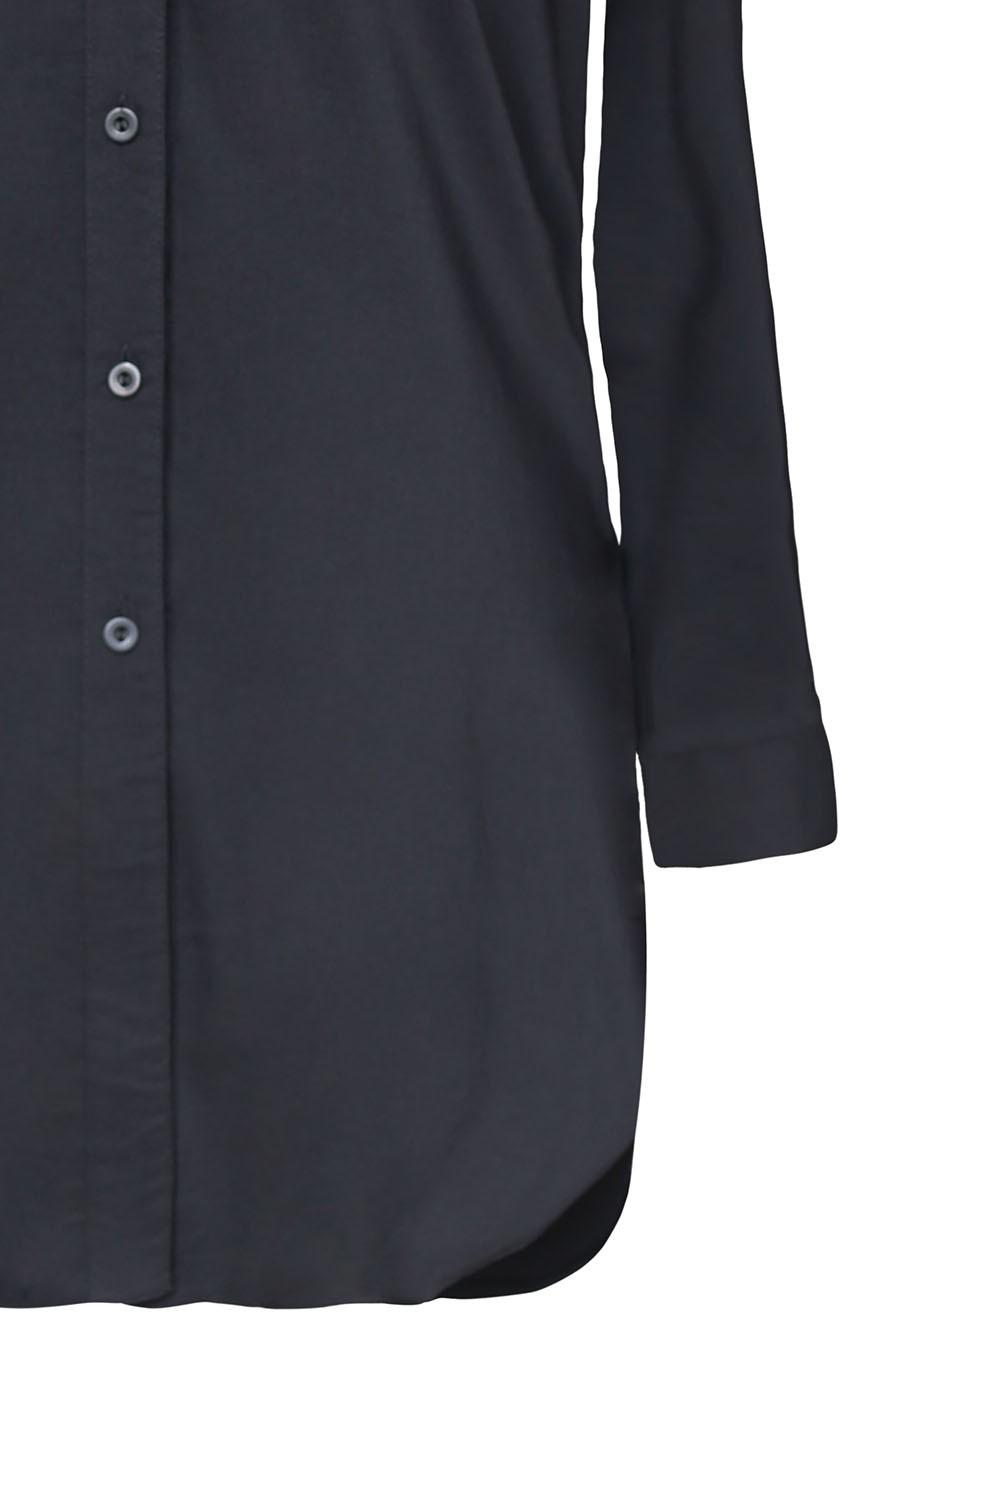 Długa czarna koszula tunika z biało czarną krawatką SHEILA  97dMe